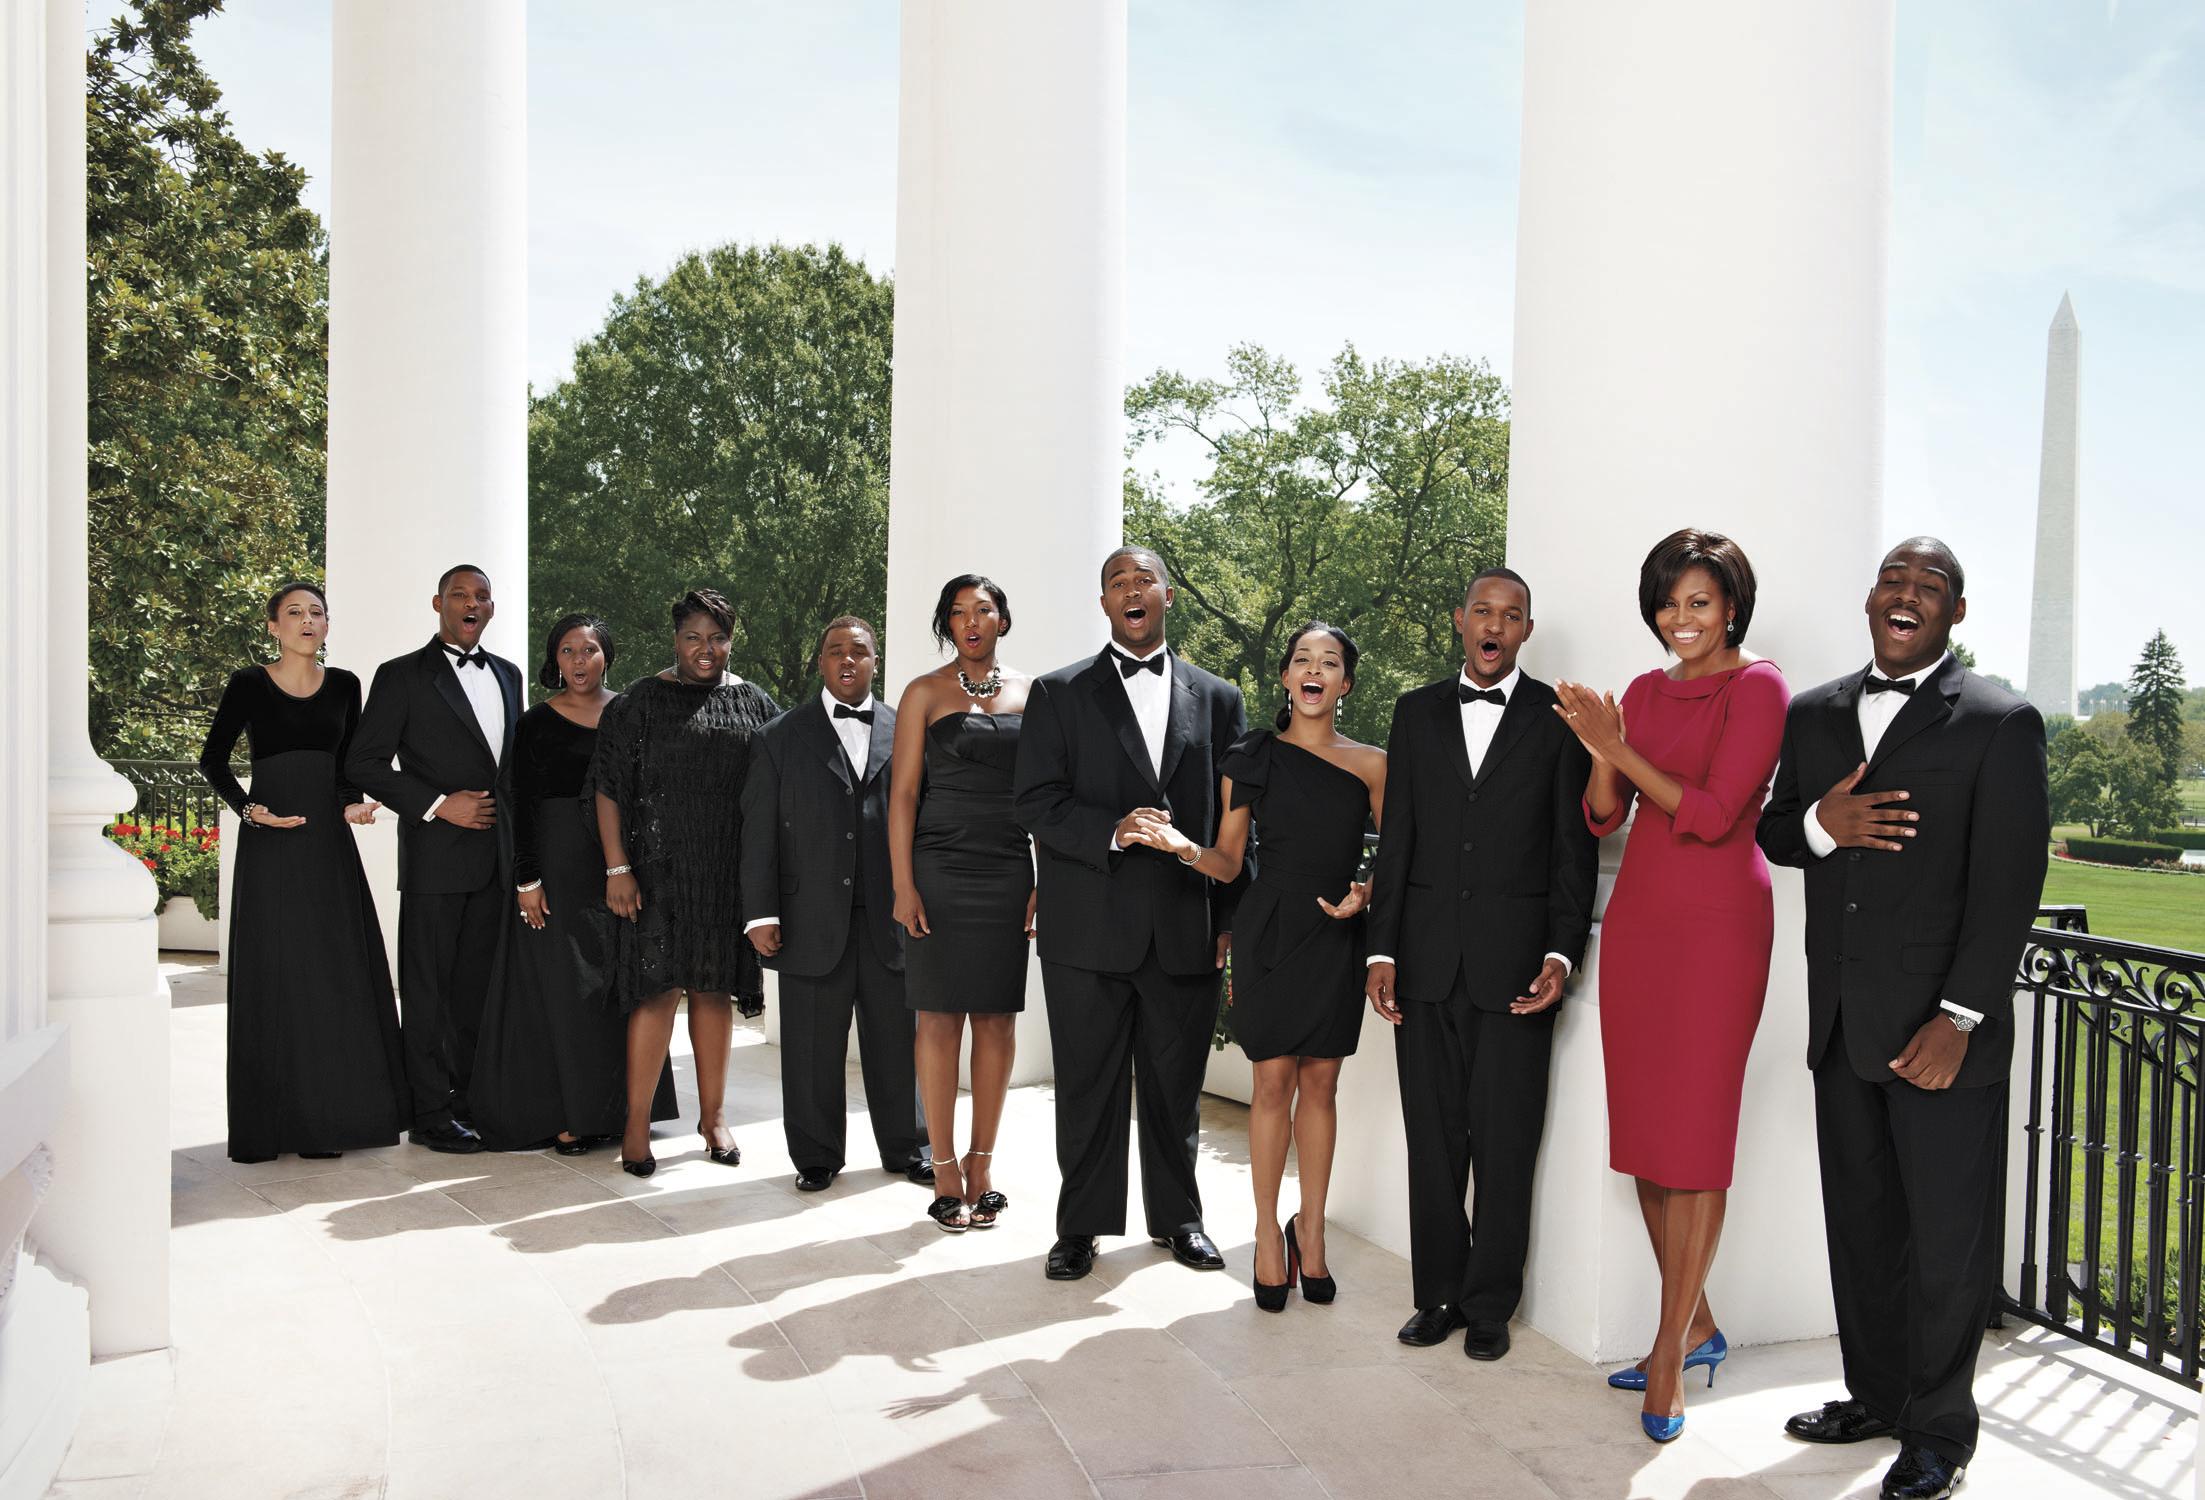 Harper's Bazaar - Michelle Obama